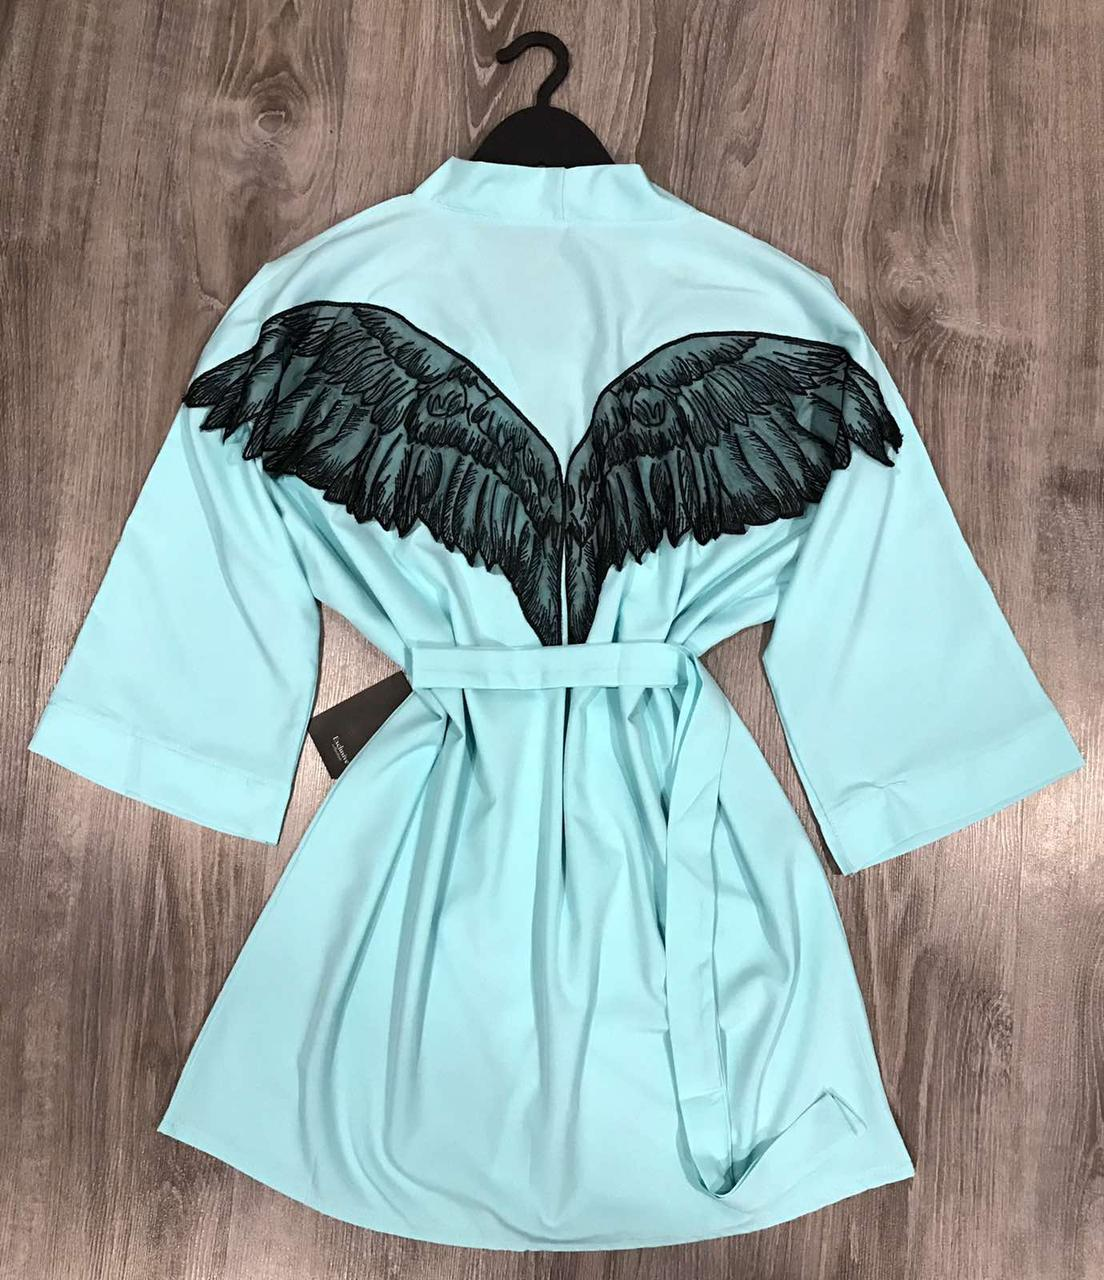 Хлопковый халат с аппликацией крылья ангела 043 мята.